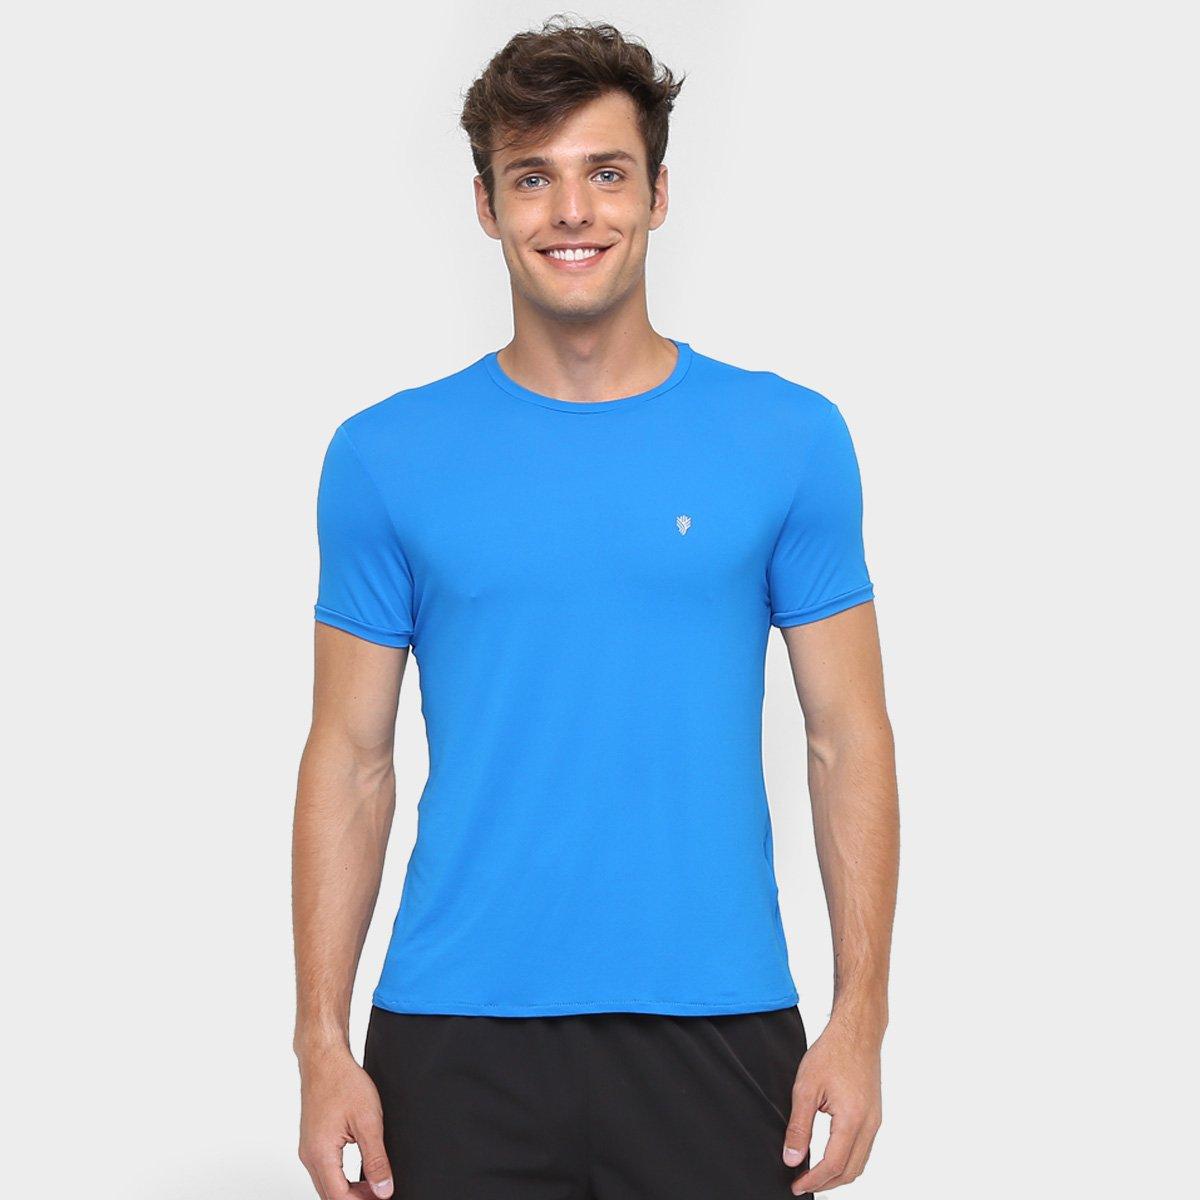 7869cec00d0b2 Camiseta Gonew Crepe Porus Poliamida Masculina - Compre Agora